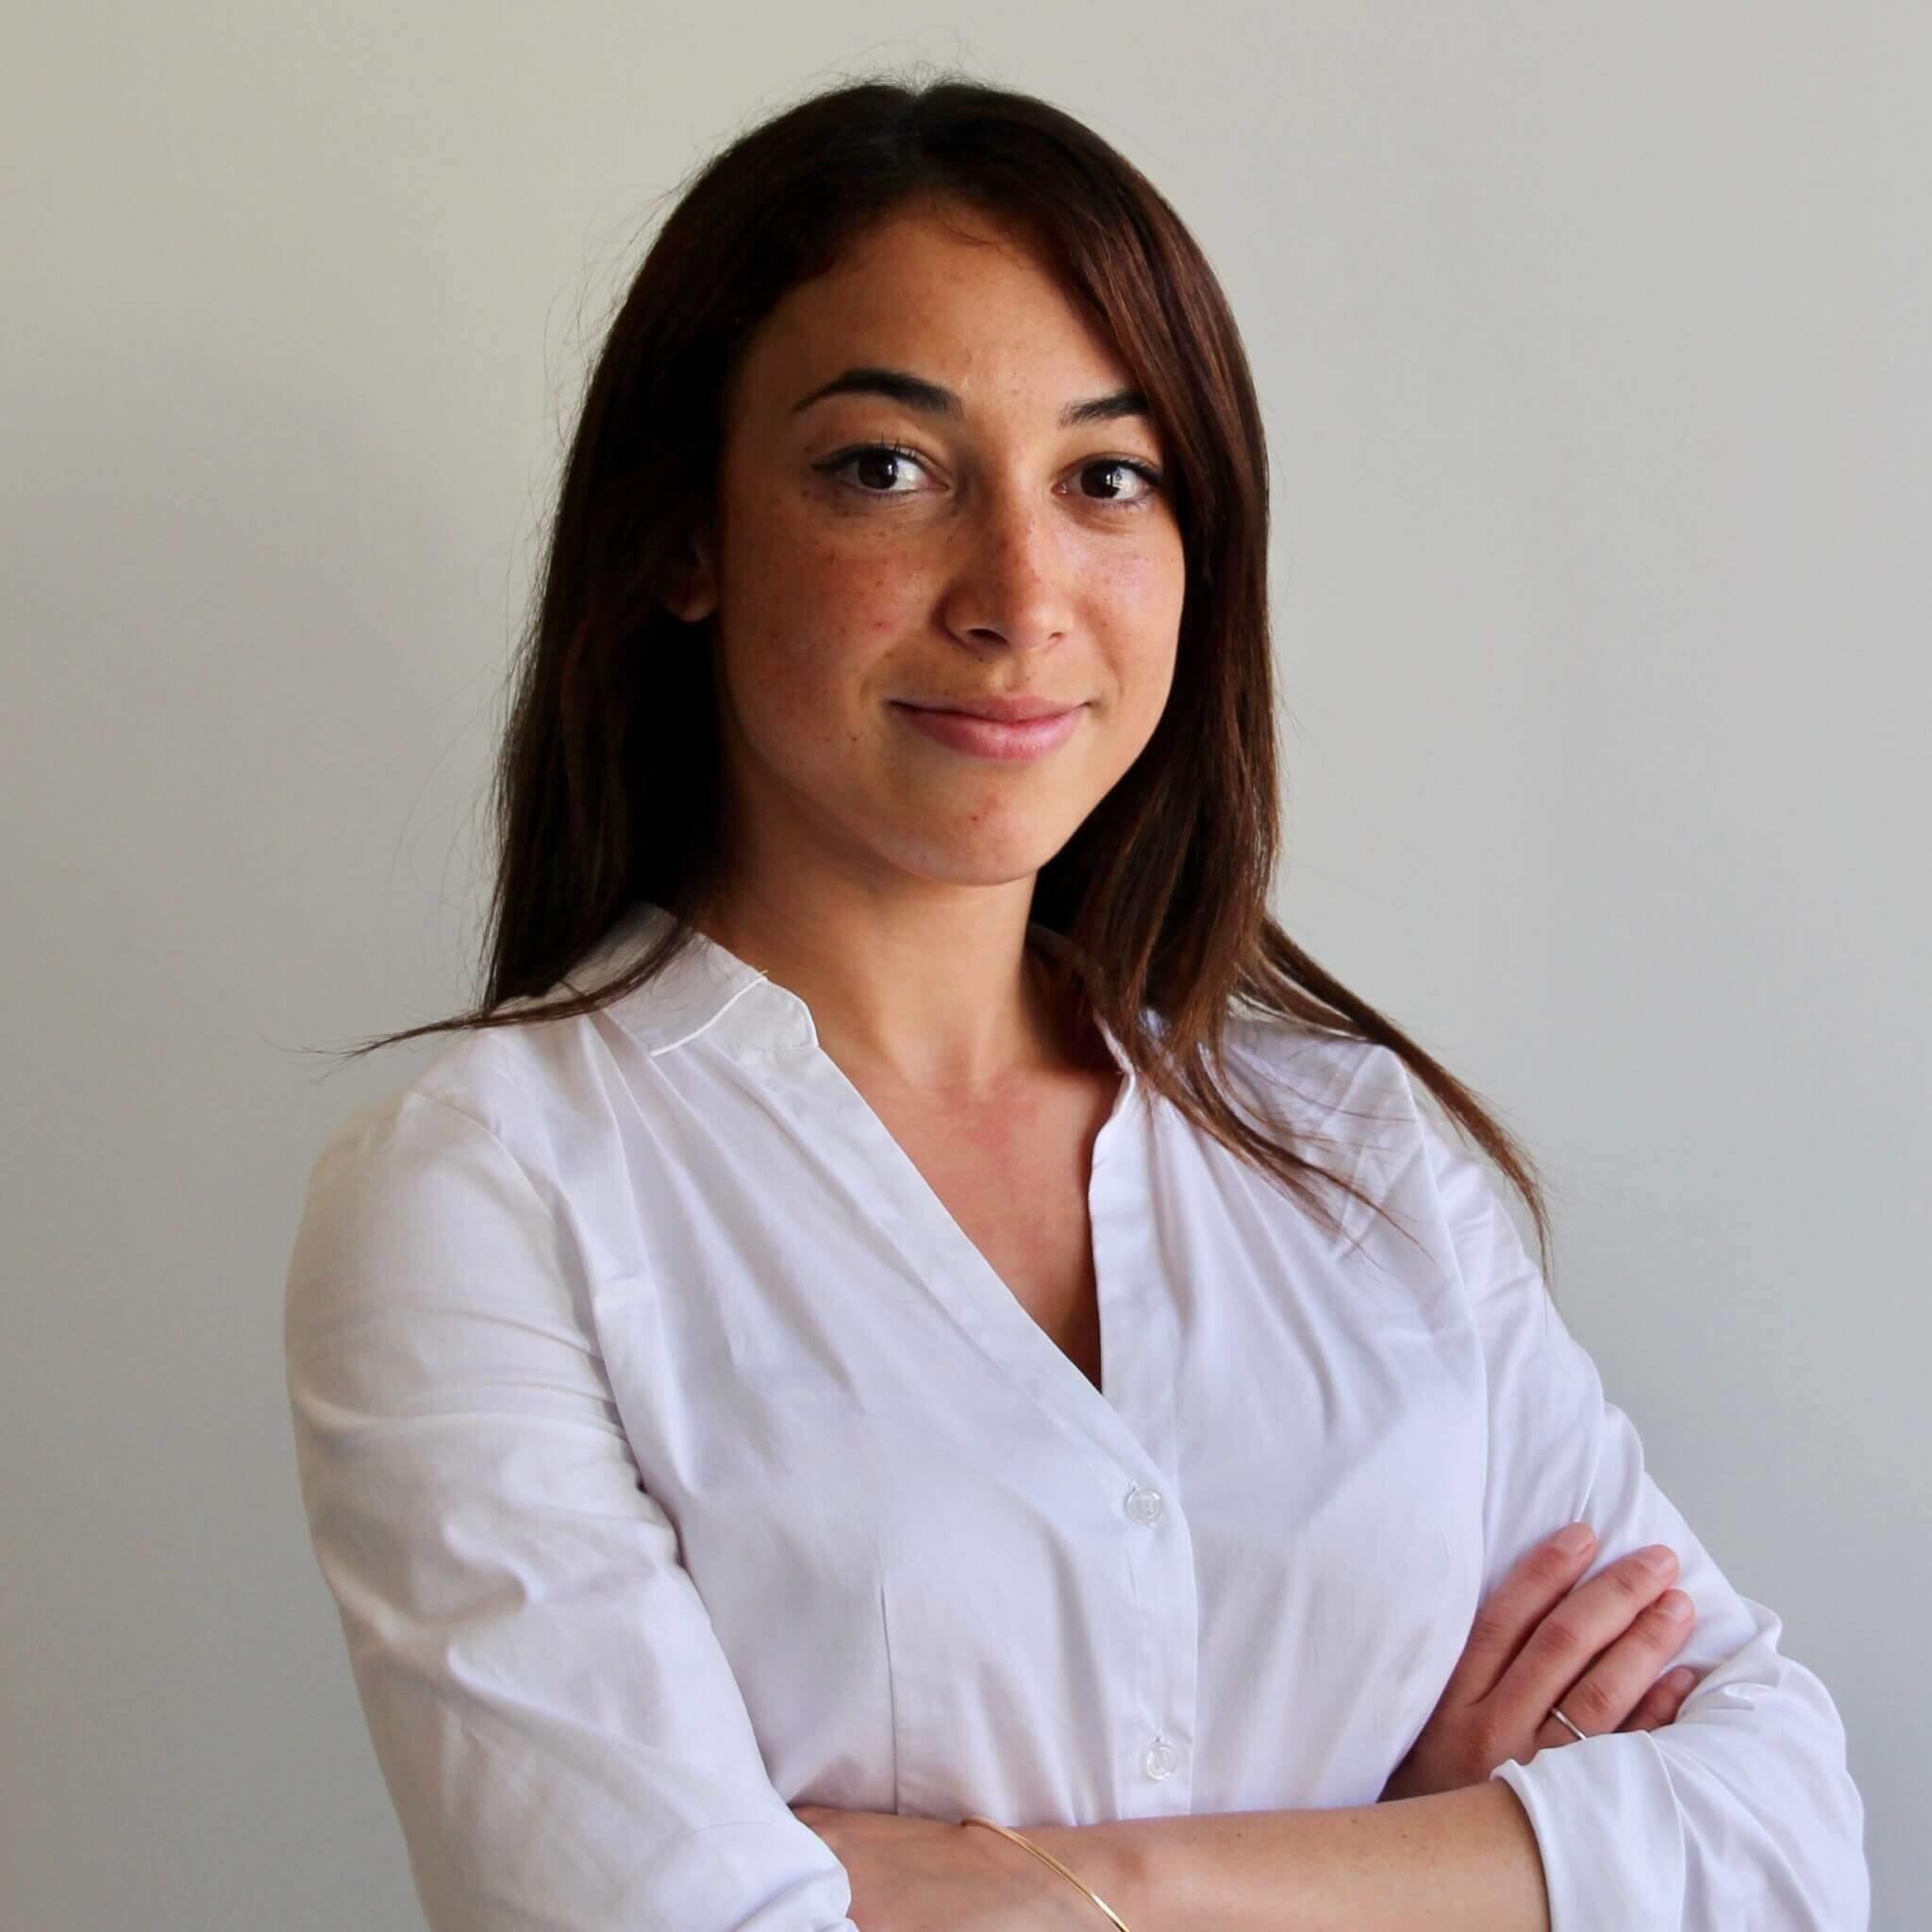 Virginie Marye